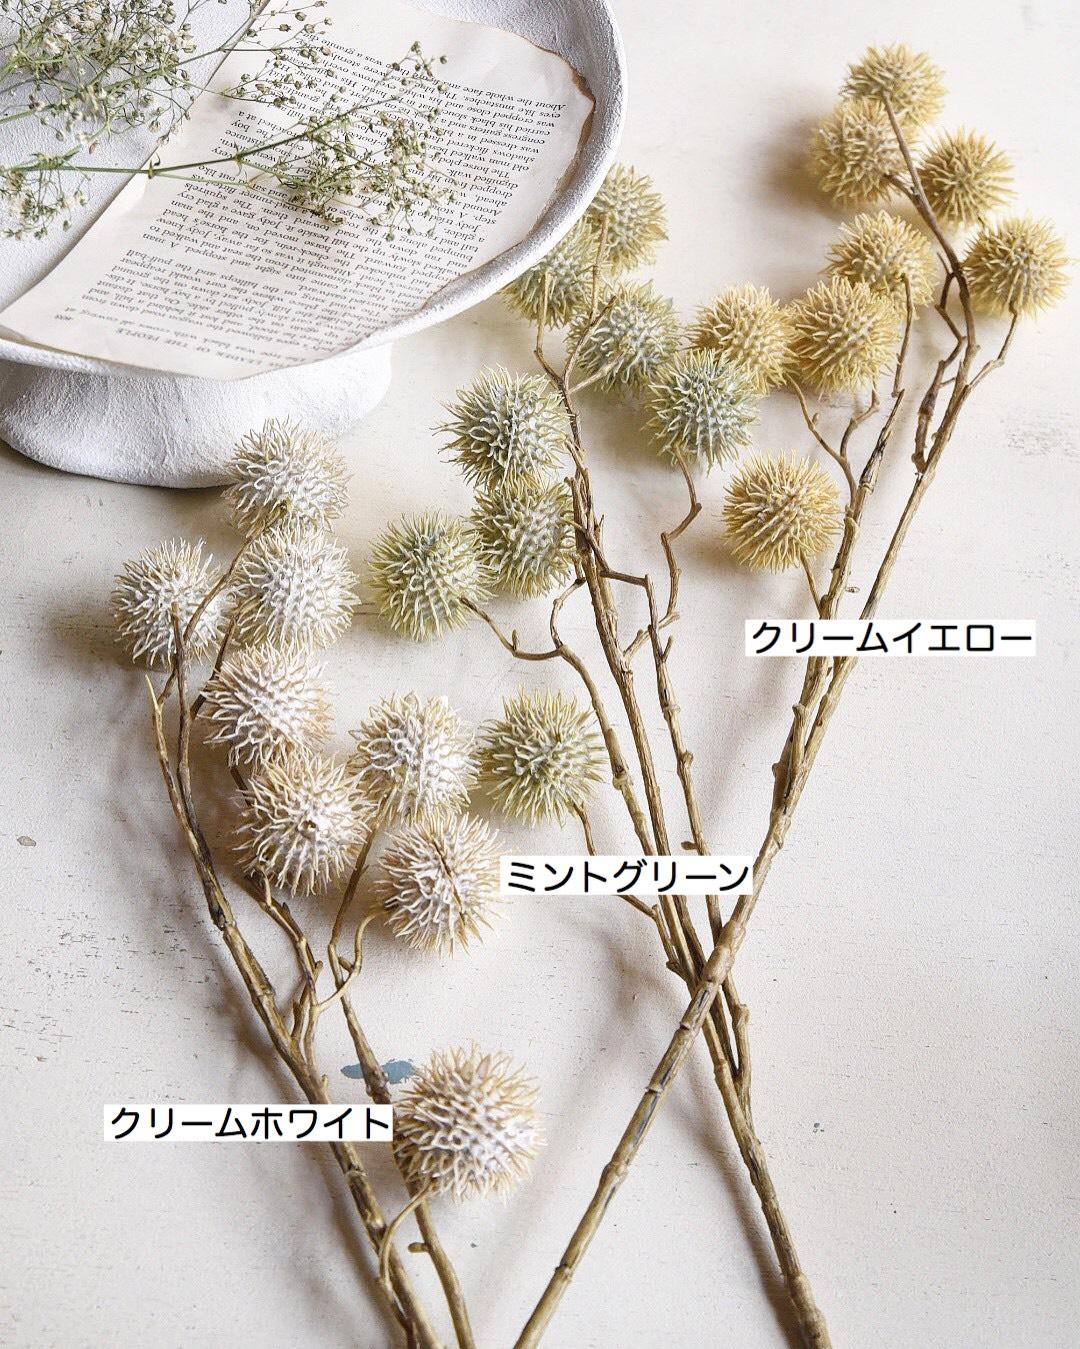 ゲジゲジぽんぽん(クリームホワイト・クリームイエロー・ミントグリーン )